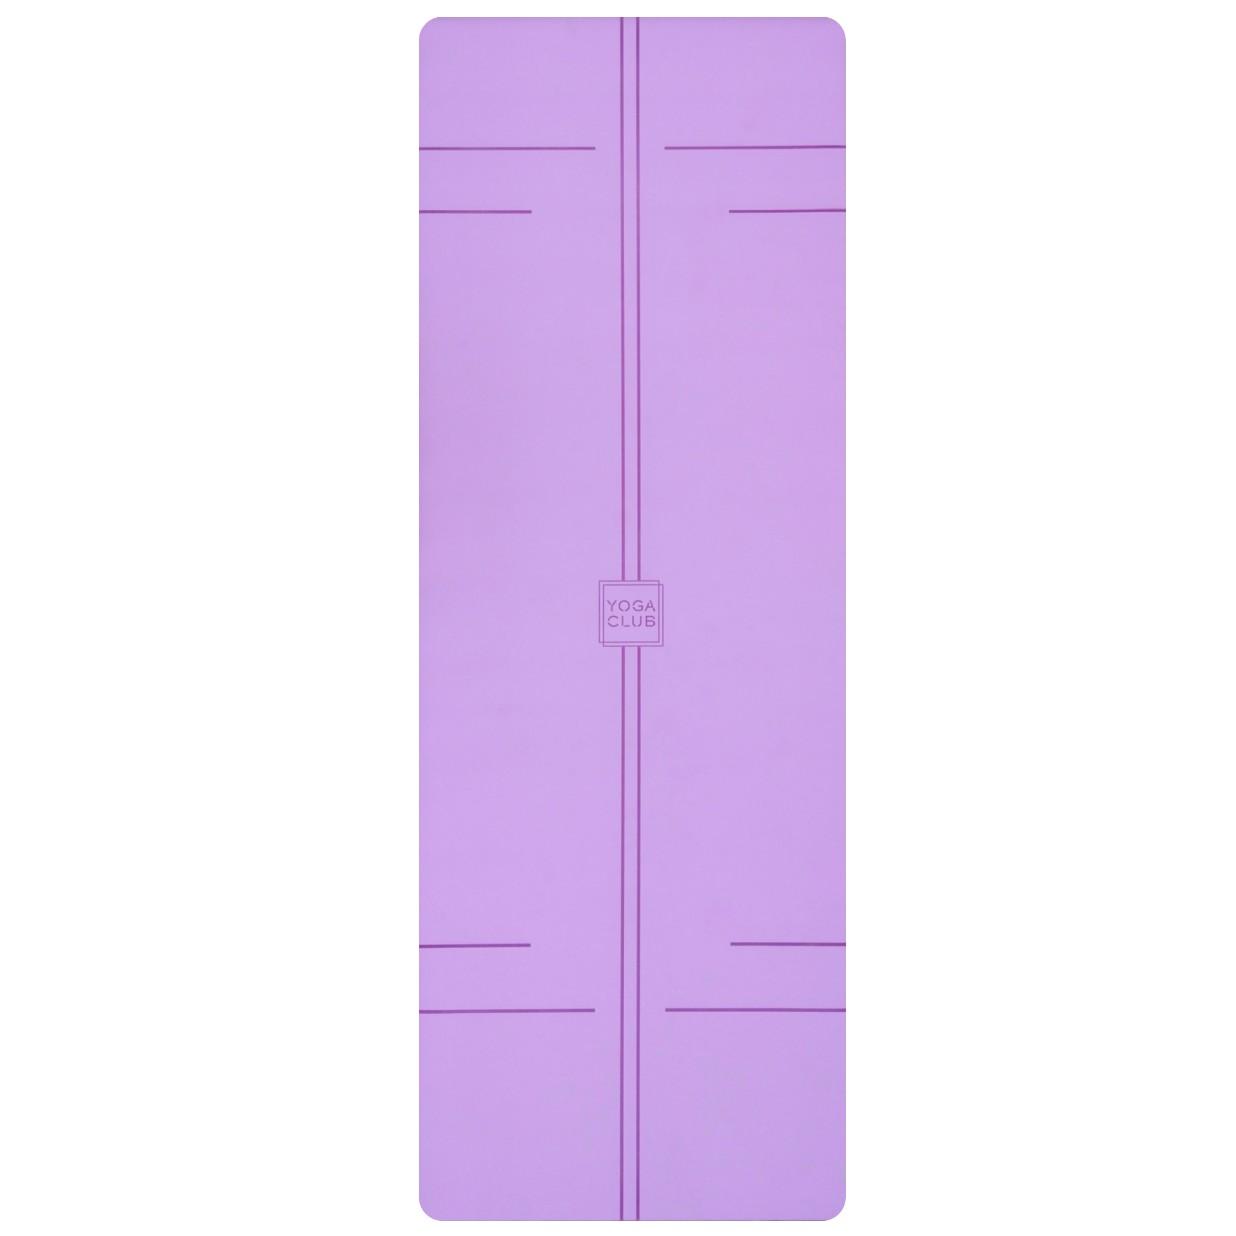 Коврик для йоги Pro YC из полиуретана и каучука (2,3 кг, 185 см, 4.5 мм, фиолетовый, 68см) цена